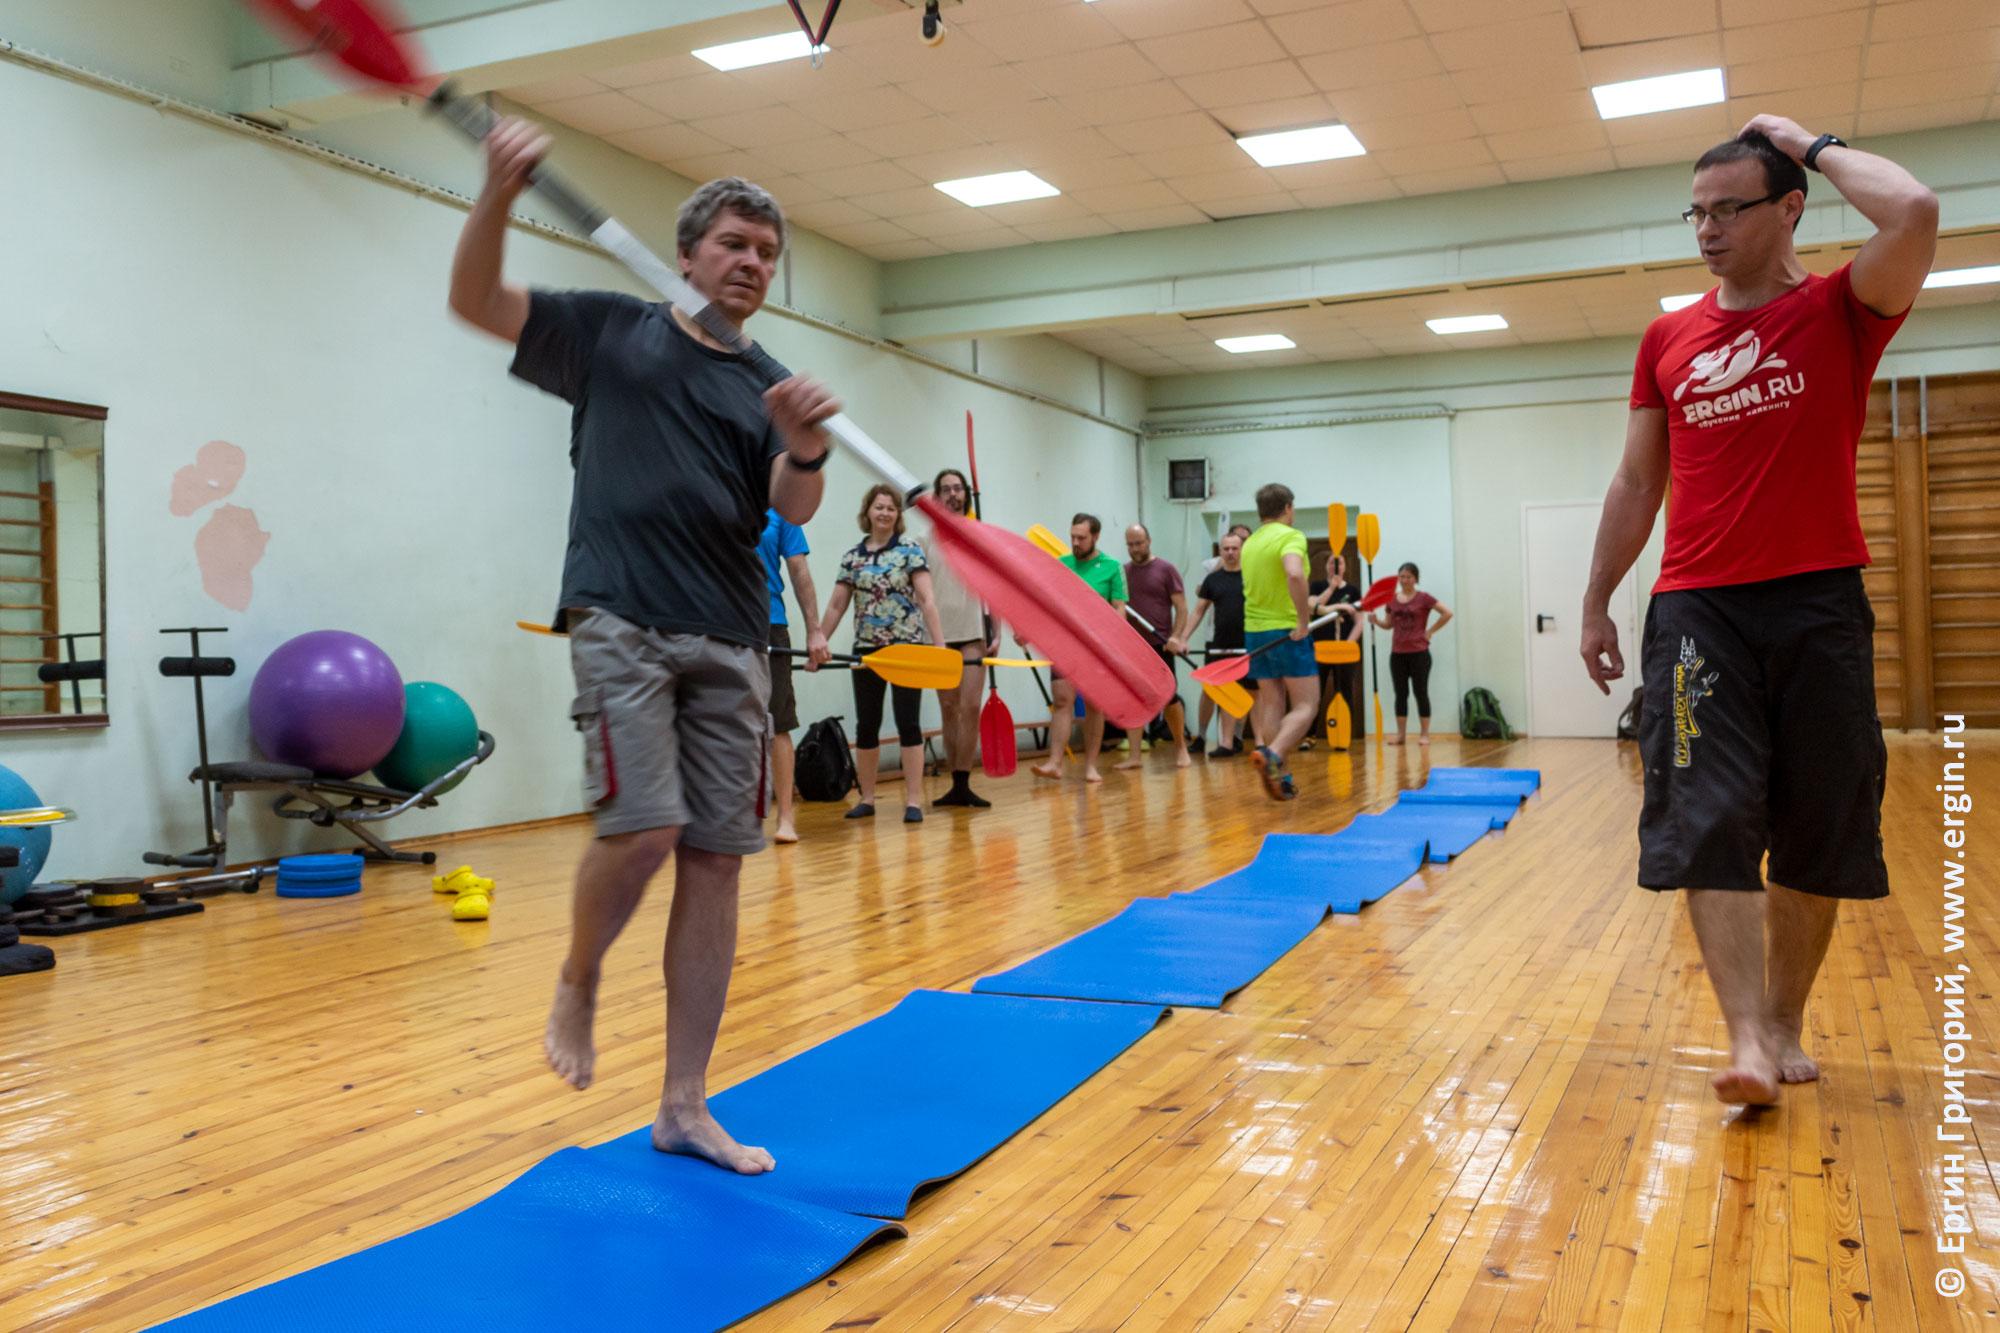 Сухие тренировки по каякингу в спортивном зале